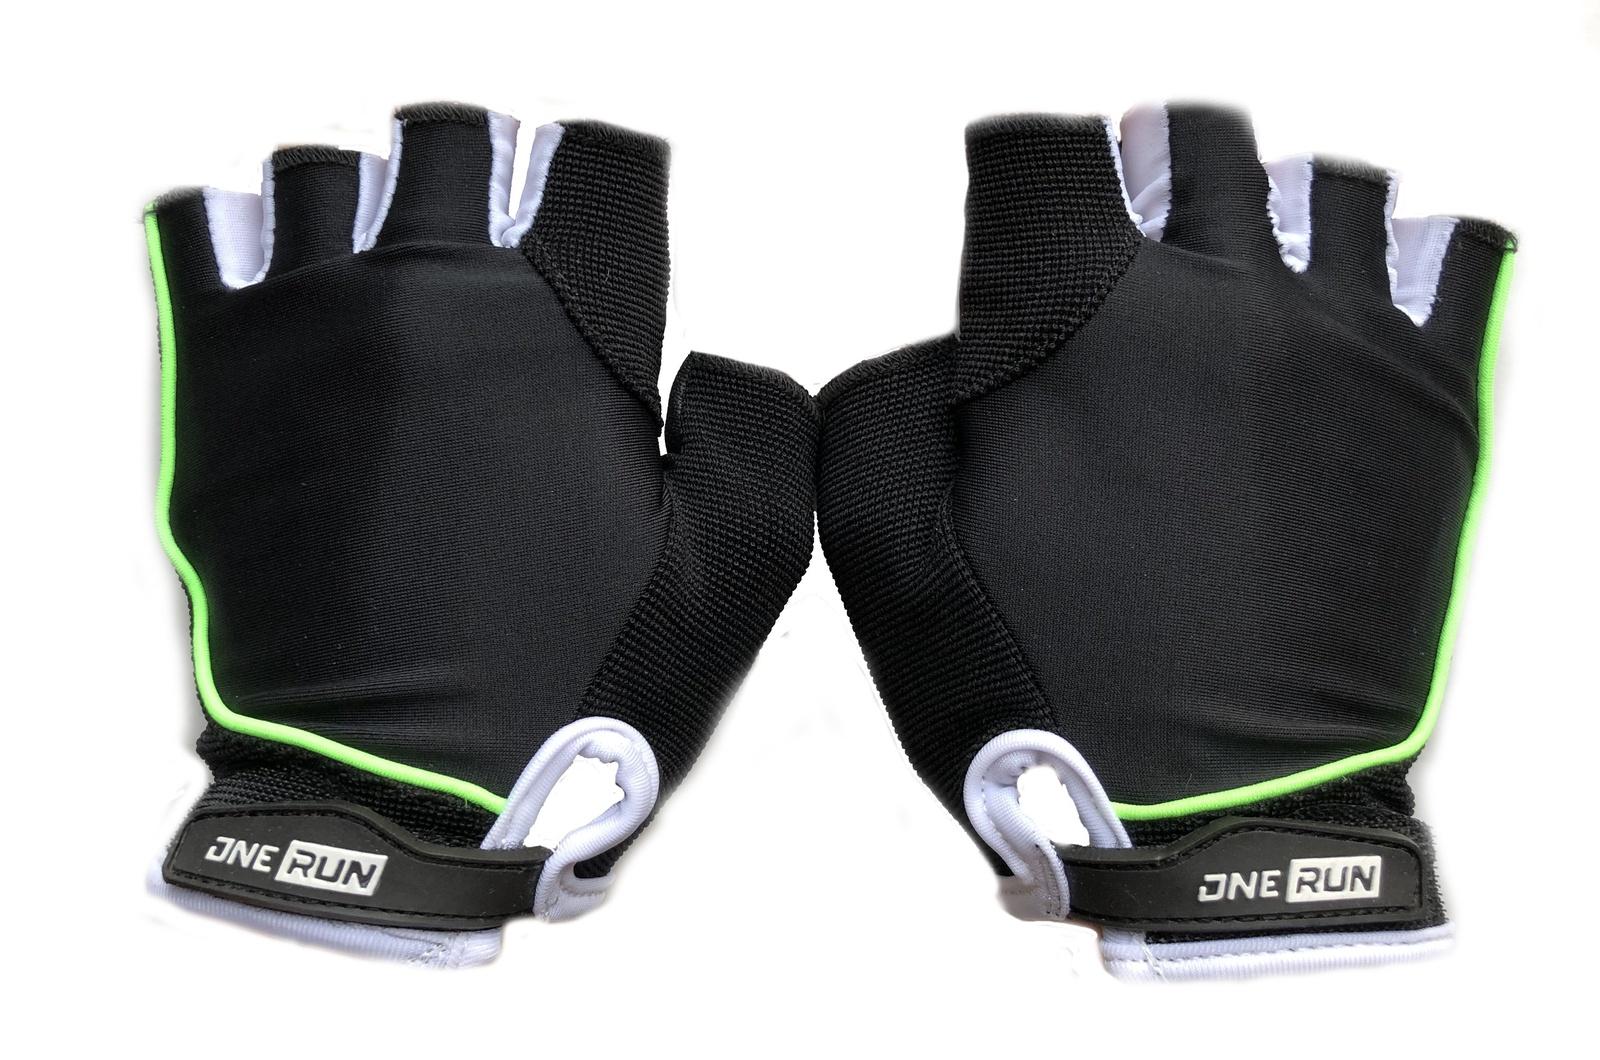 цена на Перчатки для фитнеса OneRun женские, AI-05-784-XS, зеленый, черный, размер XS